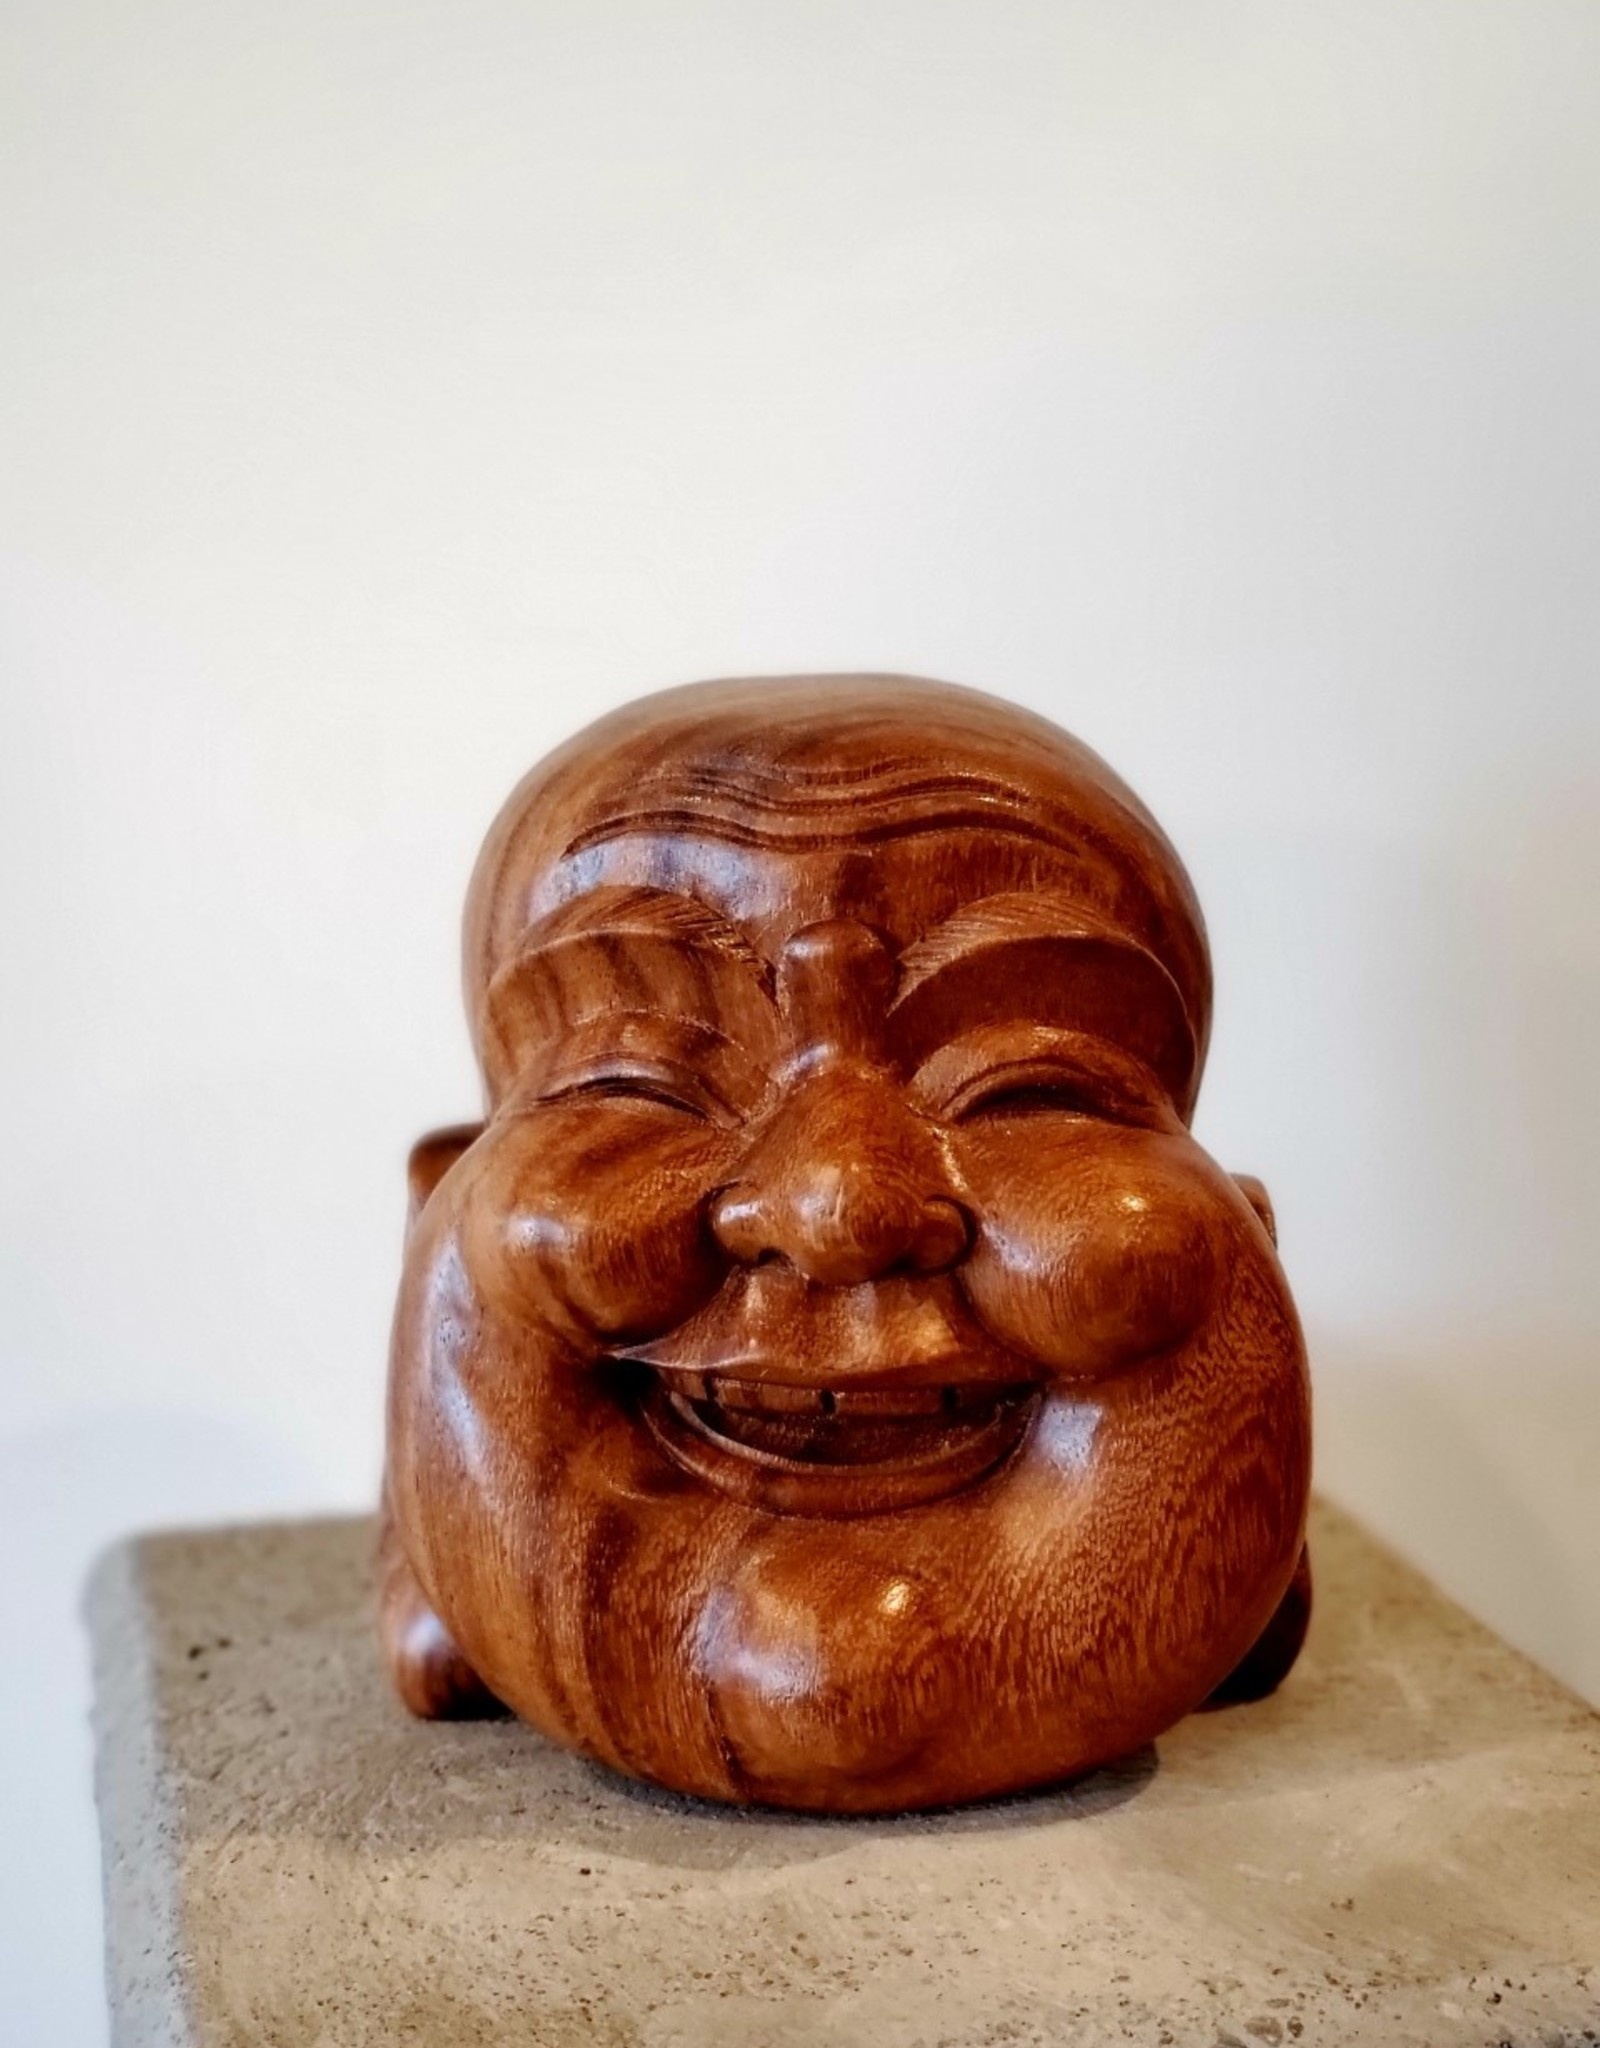 Laughing Buddha Head Scultpure